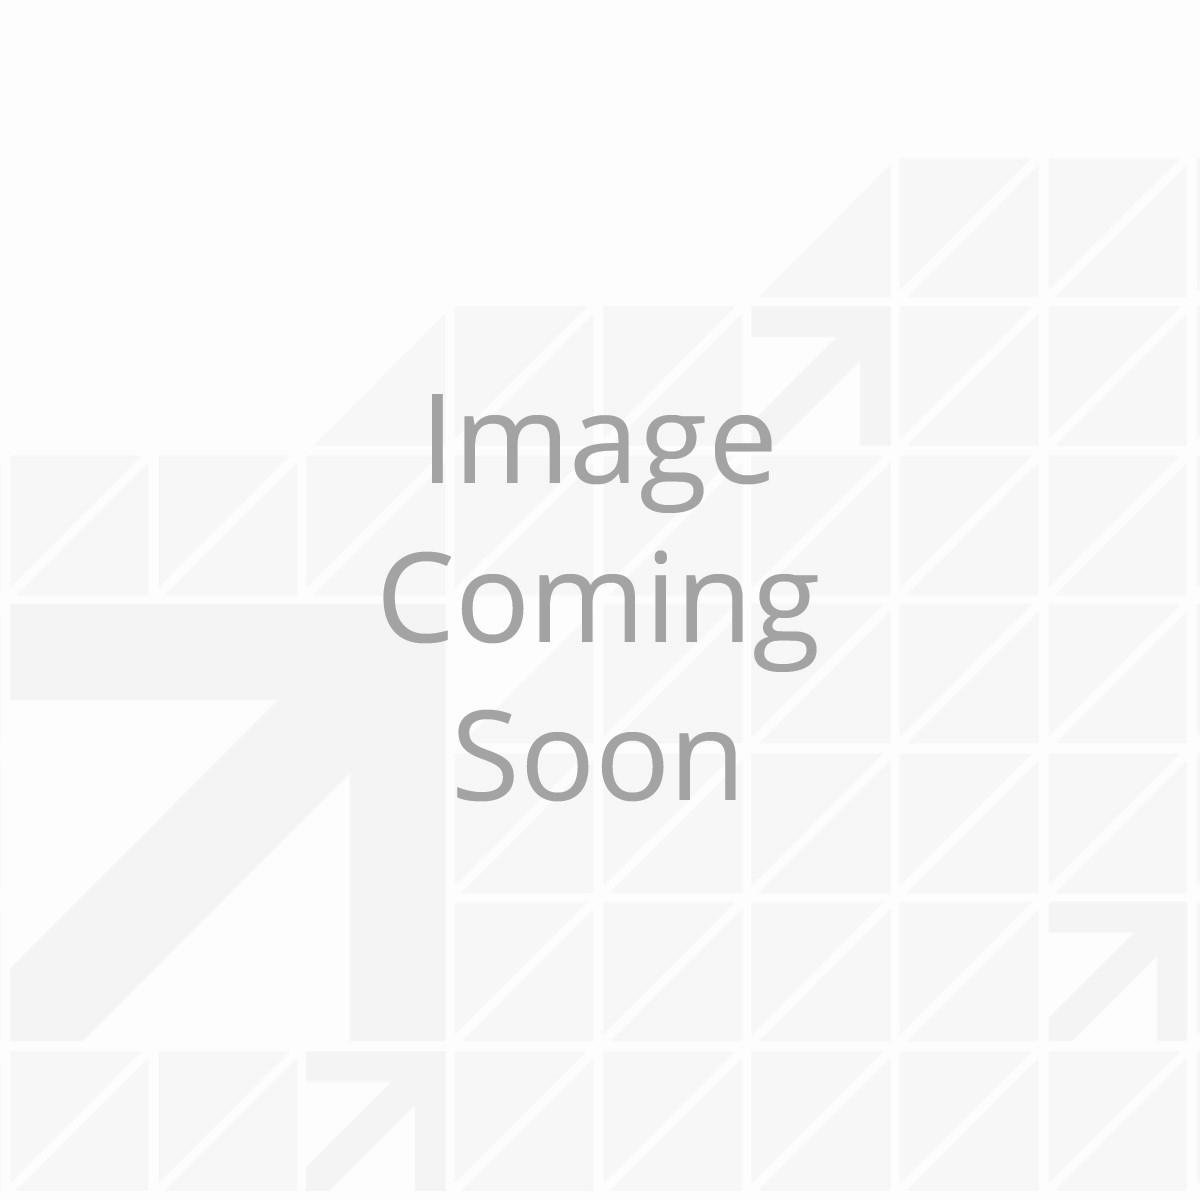 North Face Men's Zip-Up Jacket